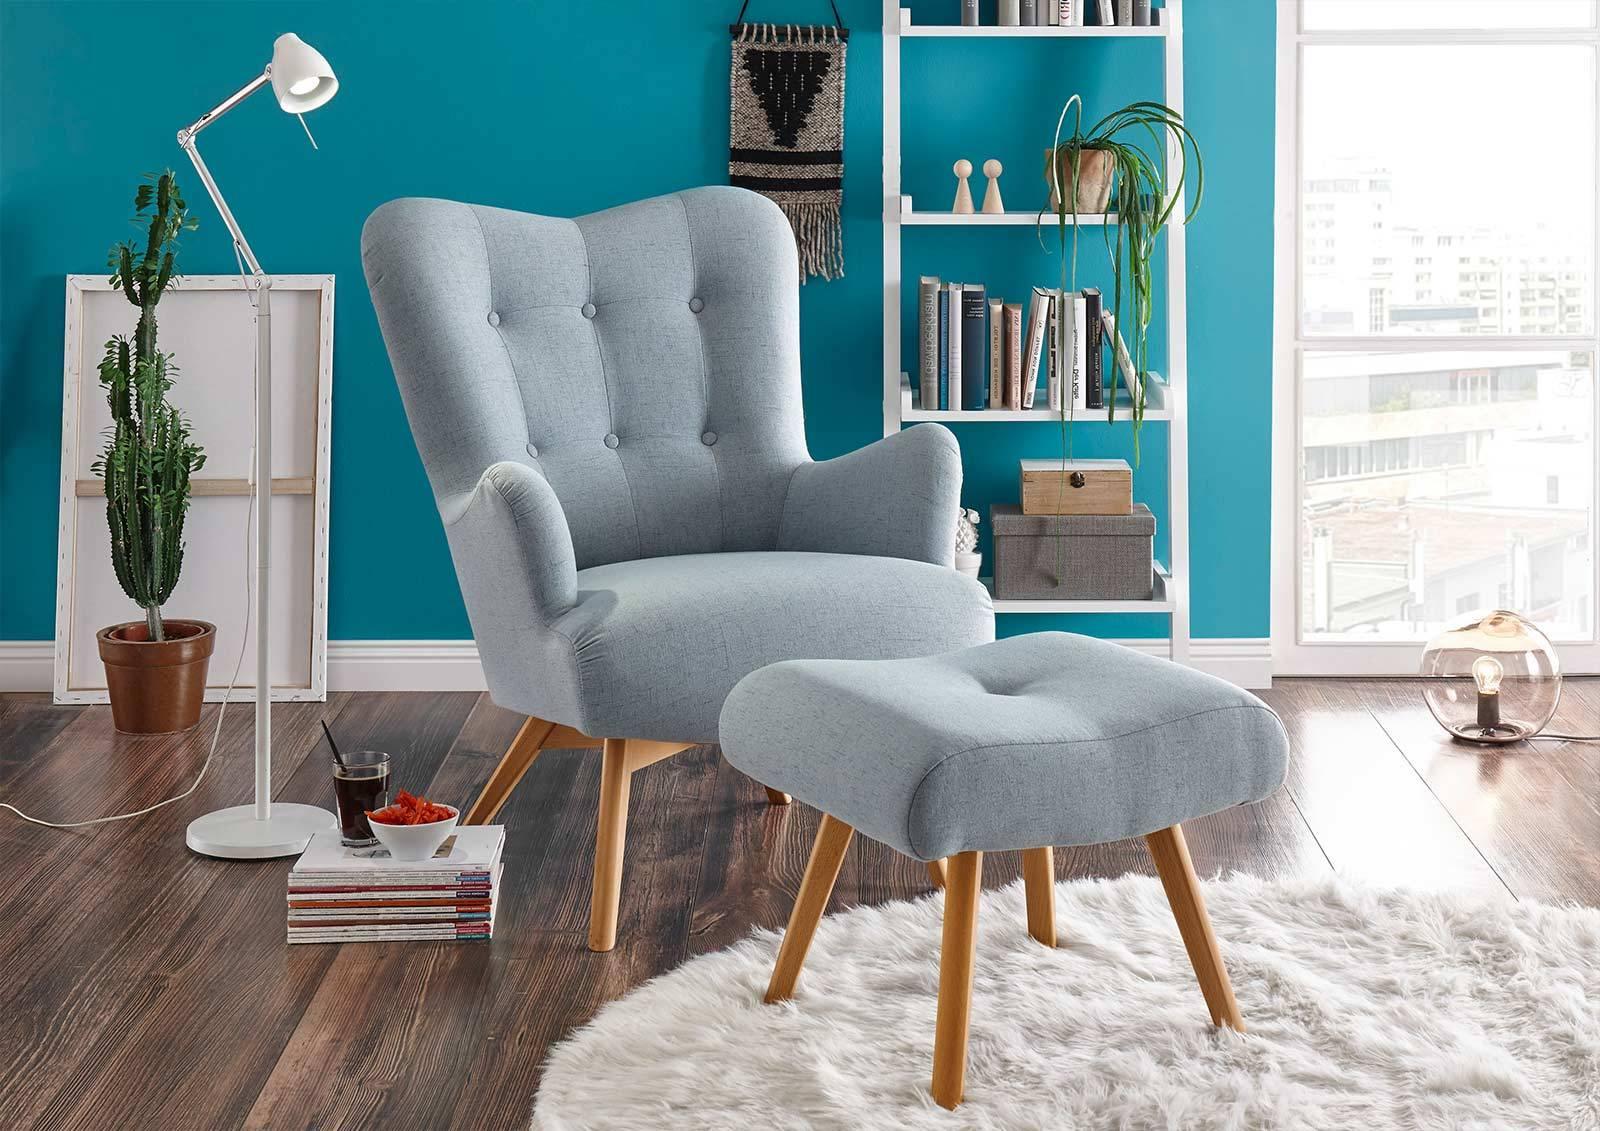 Das Foto zeigt einen modernen Sessel.